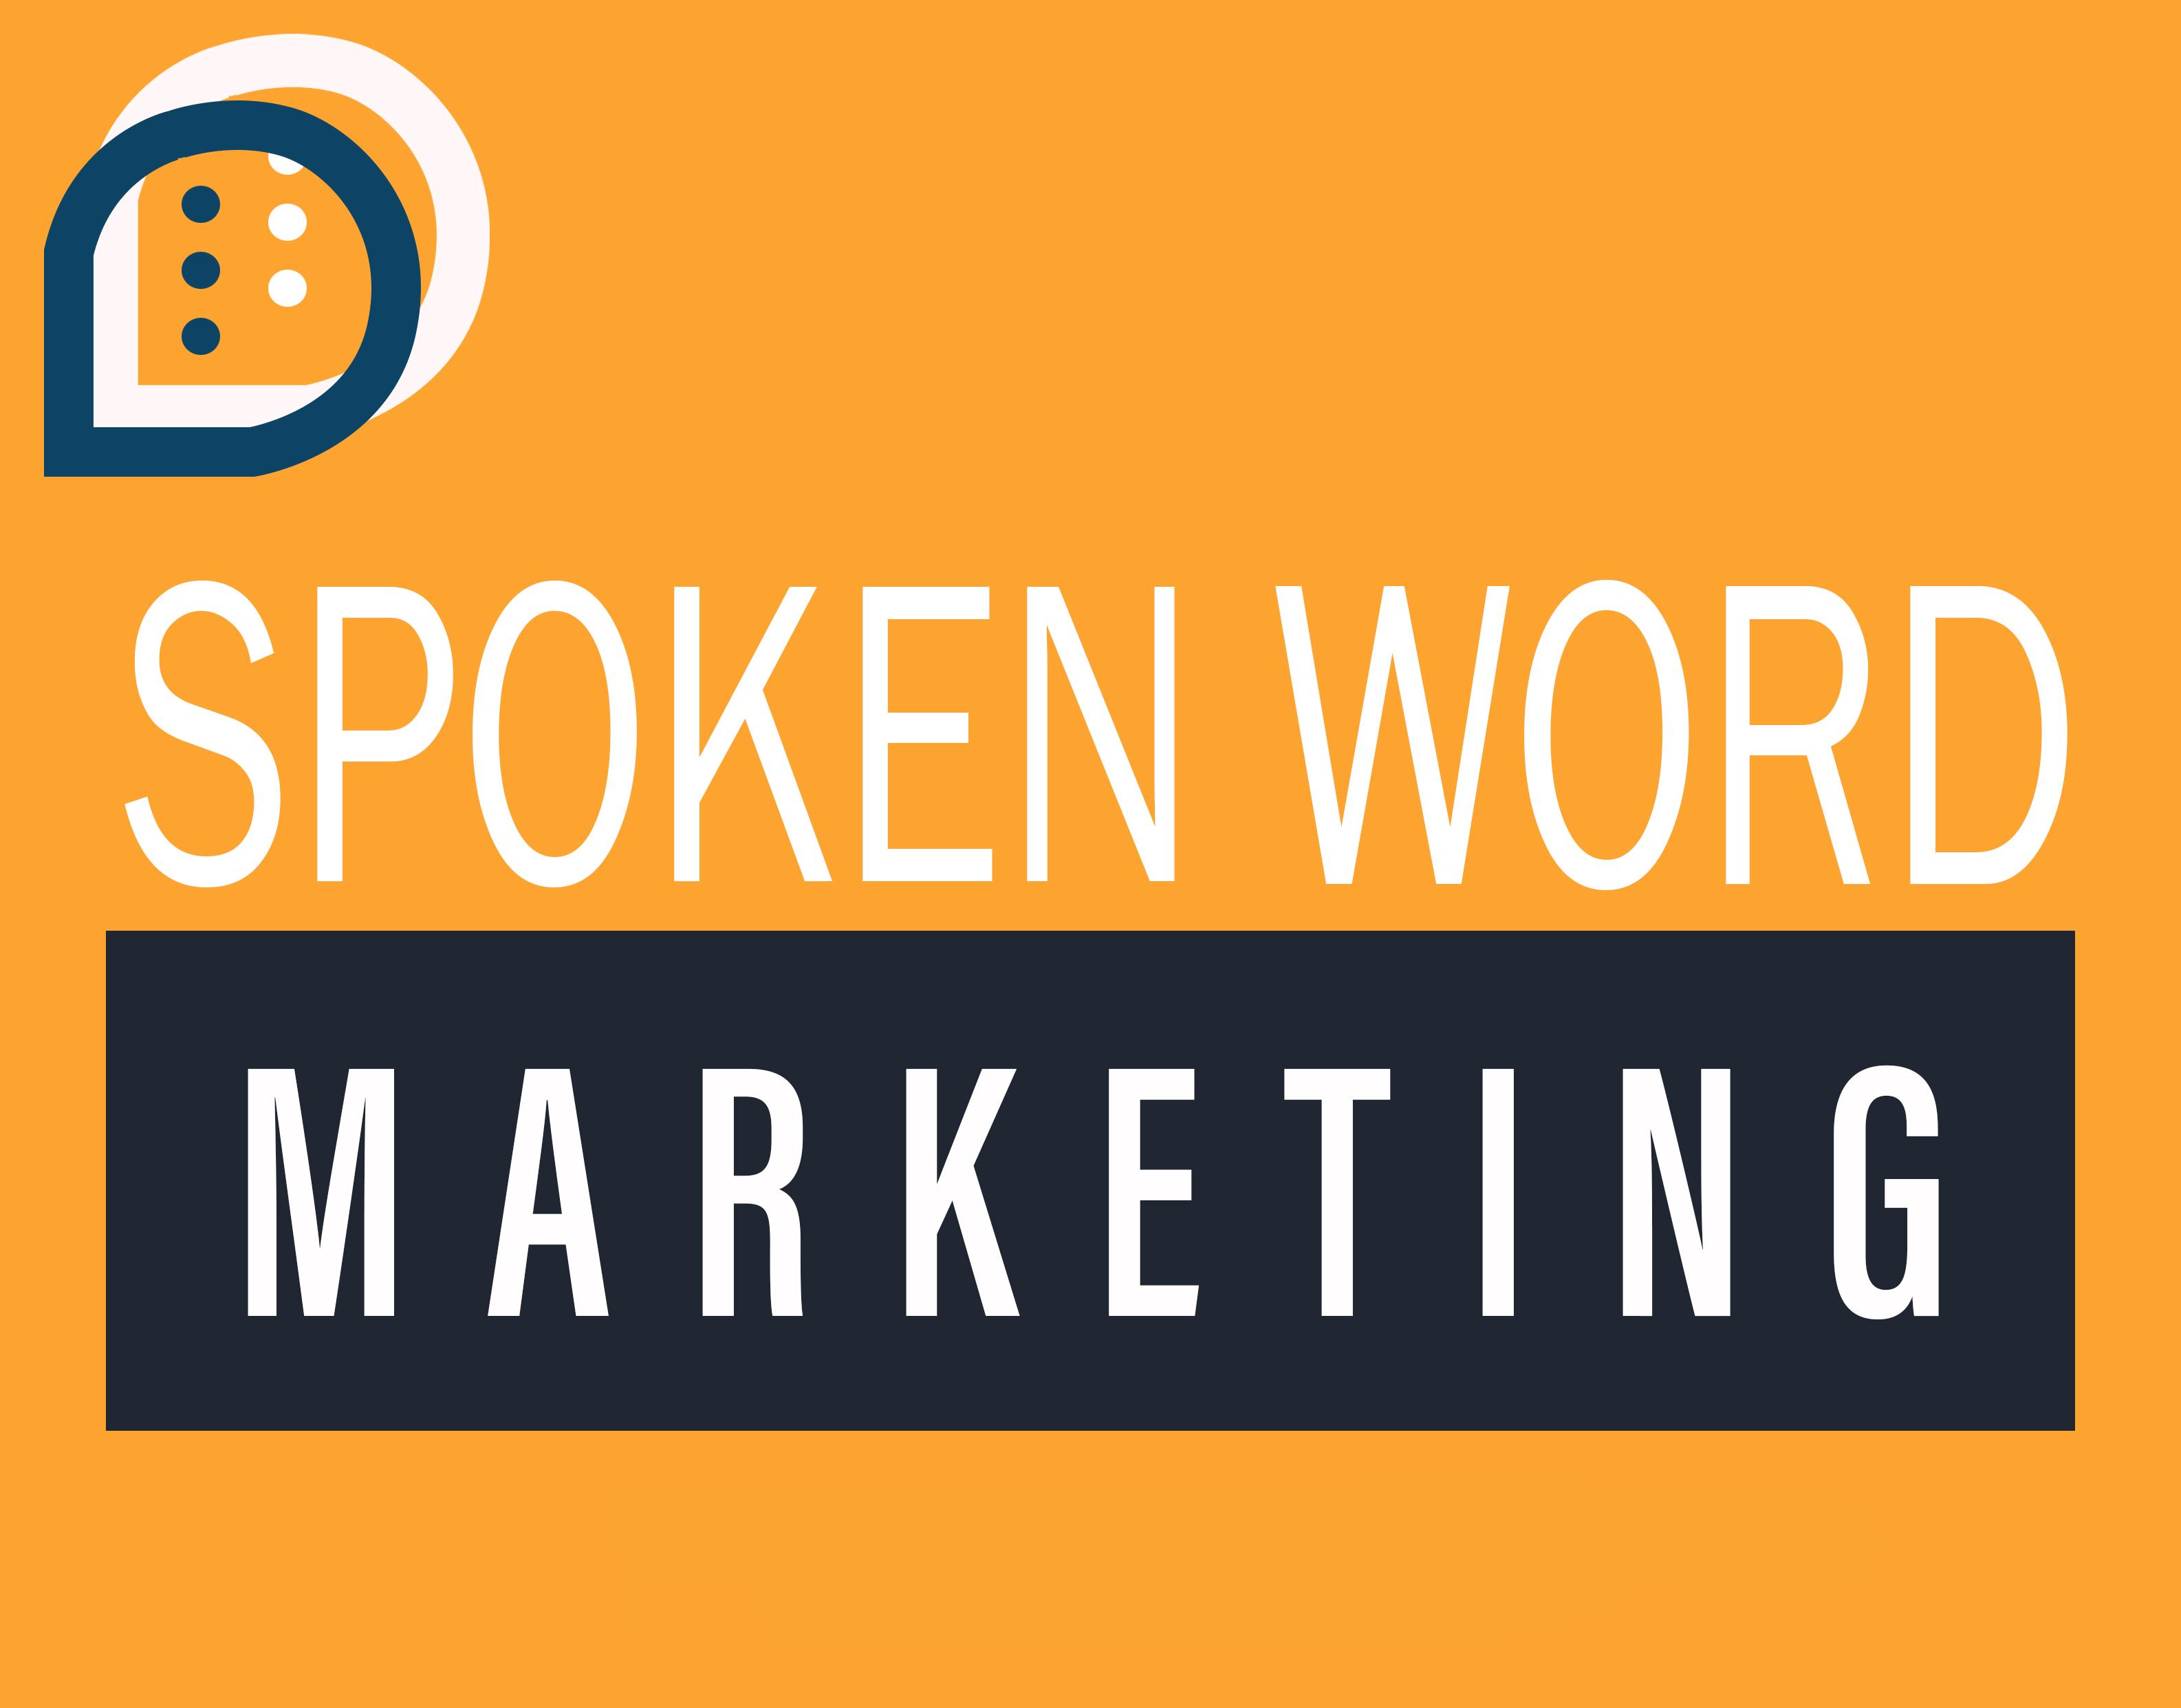 Spoken Word Marketing